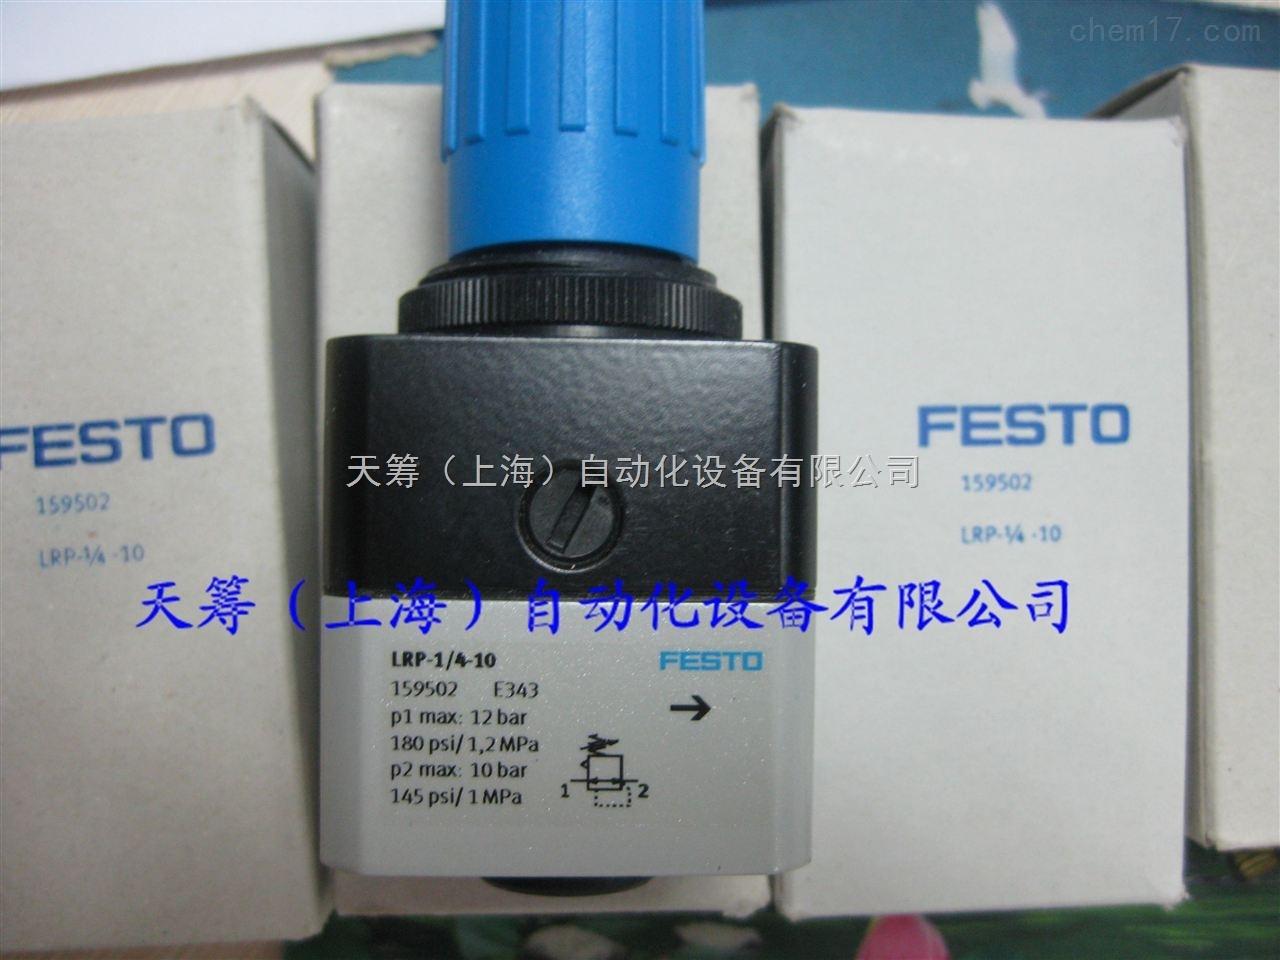 FESTO精密减压阀LRP-1/4-10